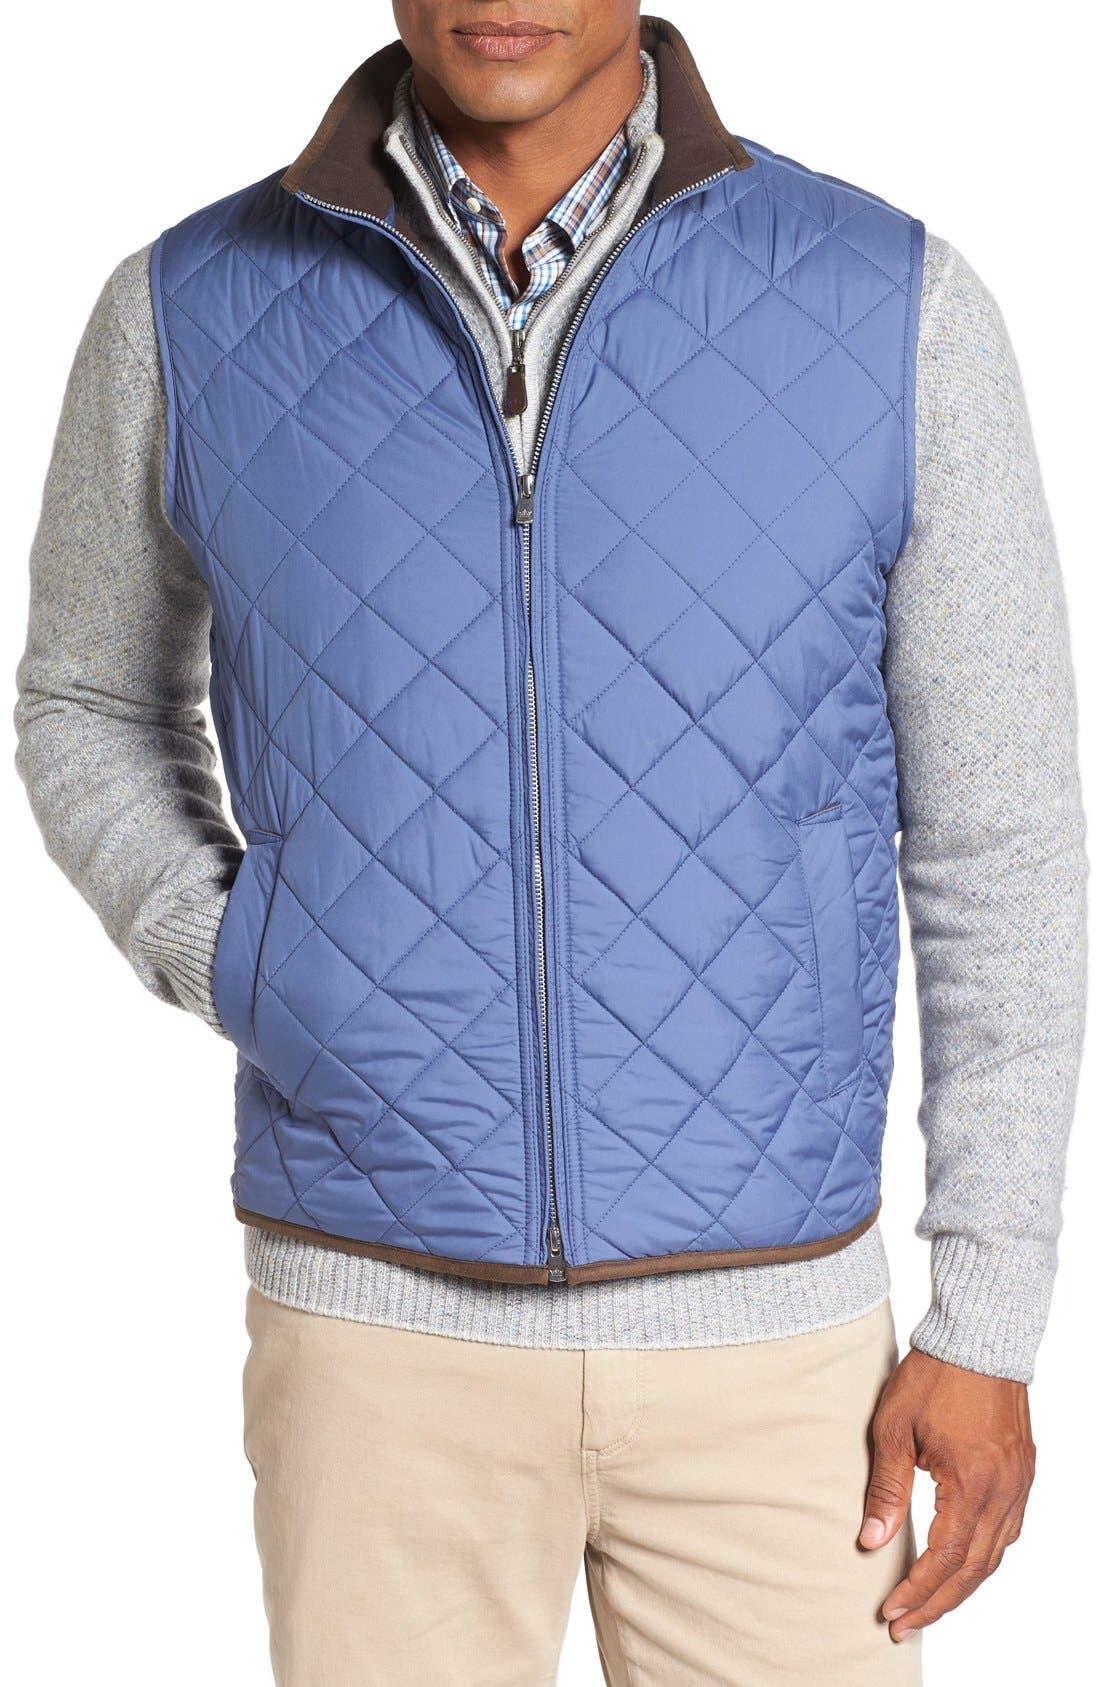 Alternate Image 1 Selected - Peter Millar 'Hudson' Lightweight Quilted Vest